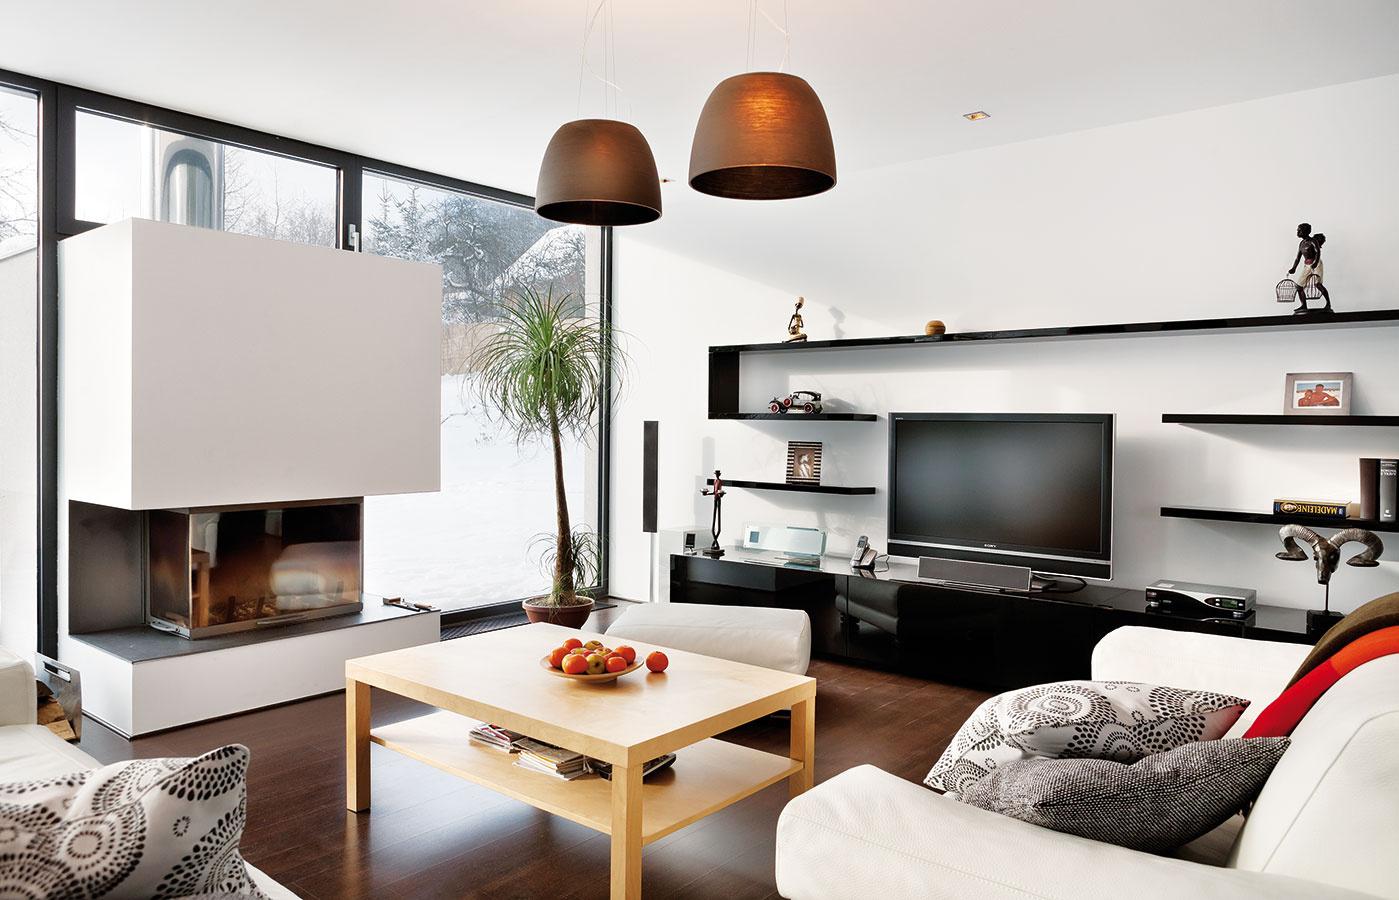 Kombinácia svetlého atmavého dreva si výborne rozumie sbielou. Výsledkom je čistý dojem, ktorý zjemňujú dekoratívne doplnky asvieža zeleň izbových rastlín.